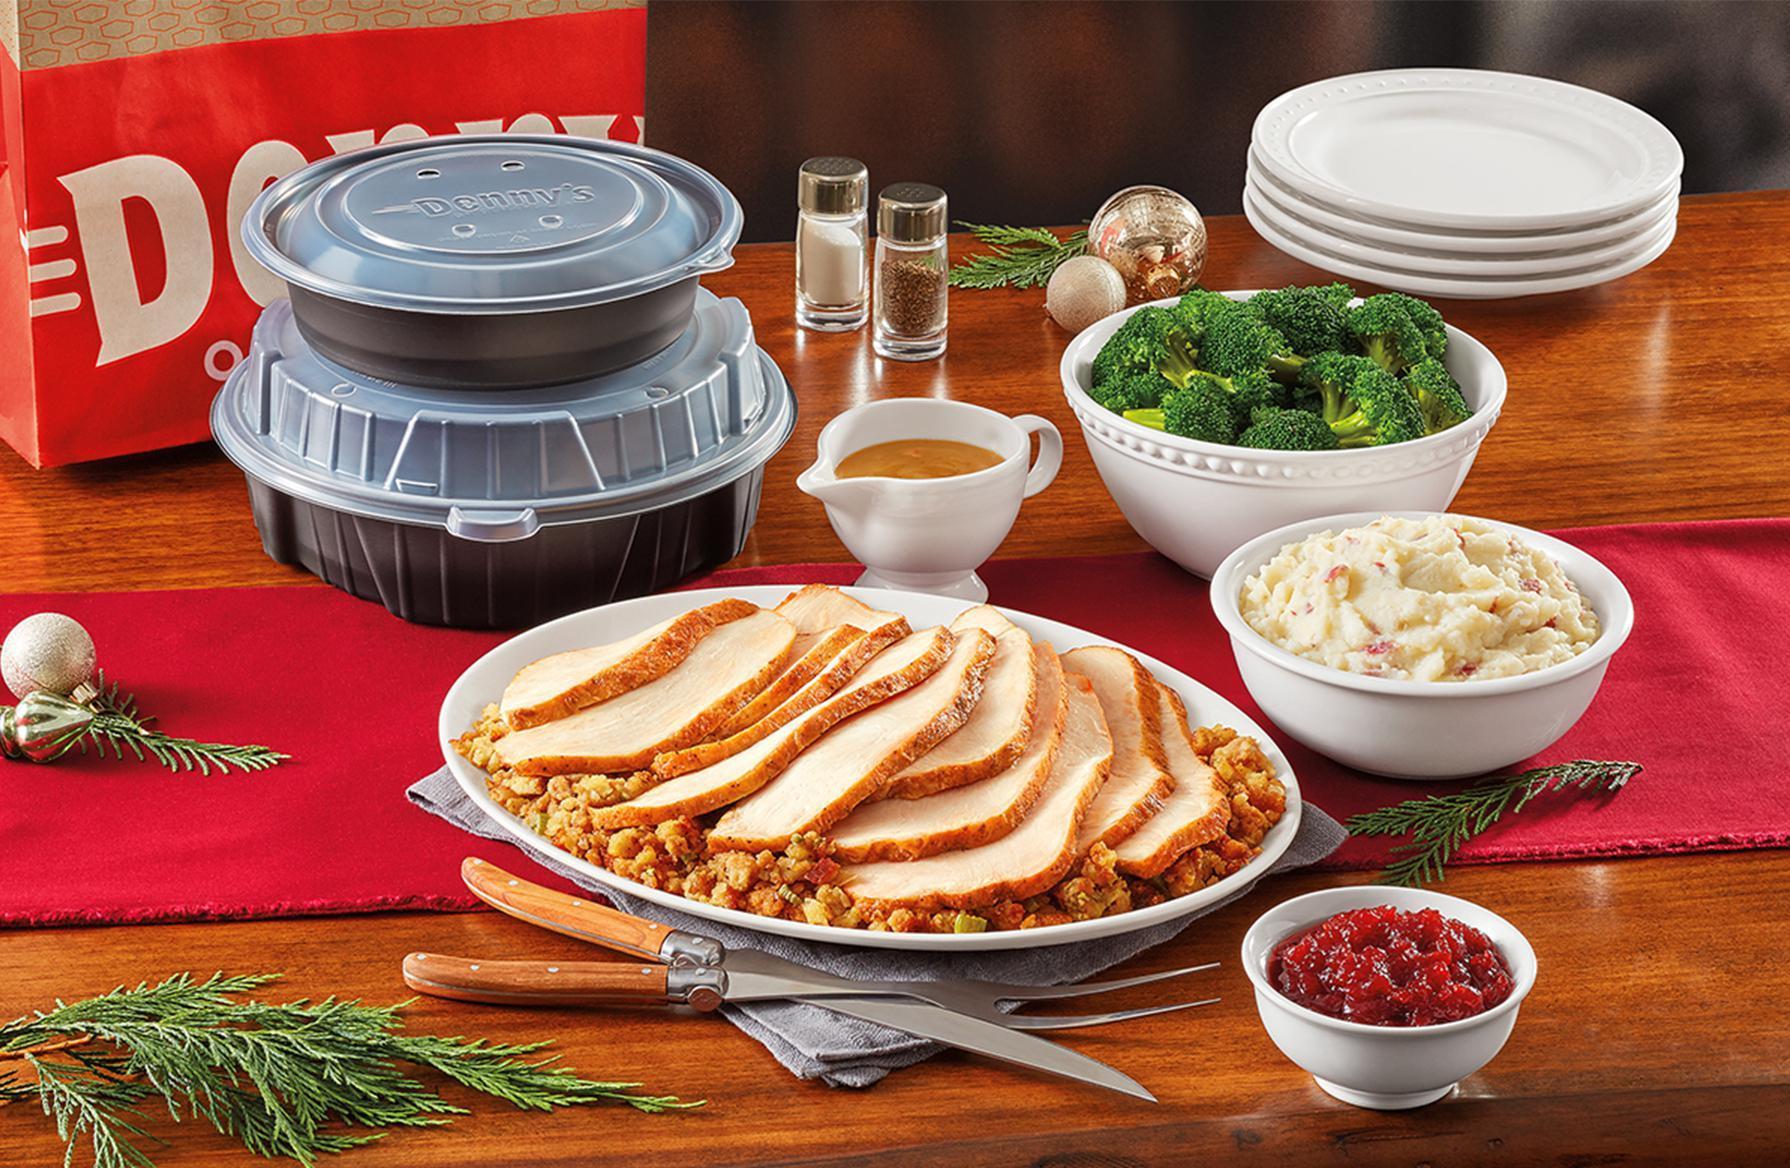 Restaurants Serving Thanksgiving Dinner 2018  19 Chain Restaurants Serving Thanksgiving Dinner Gallery